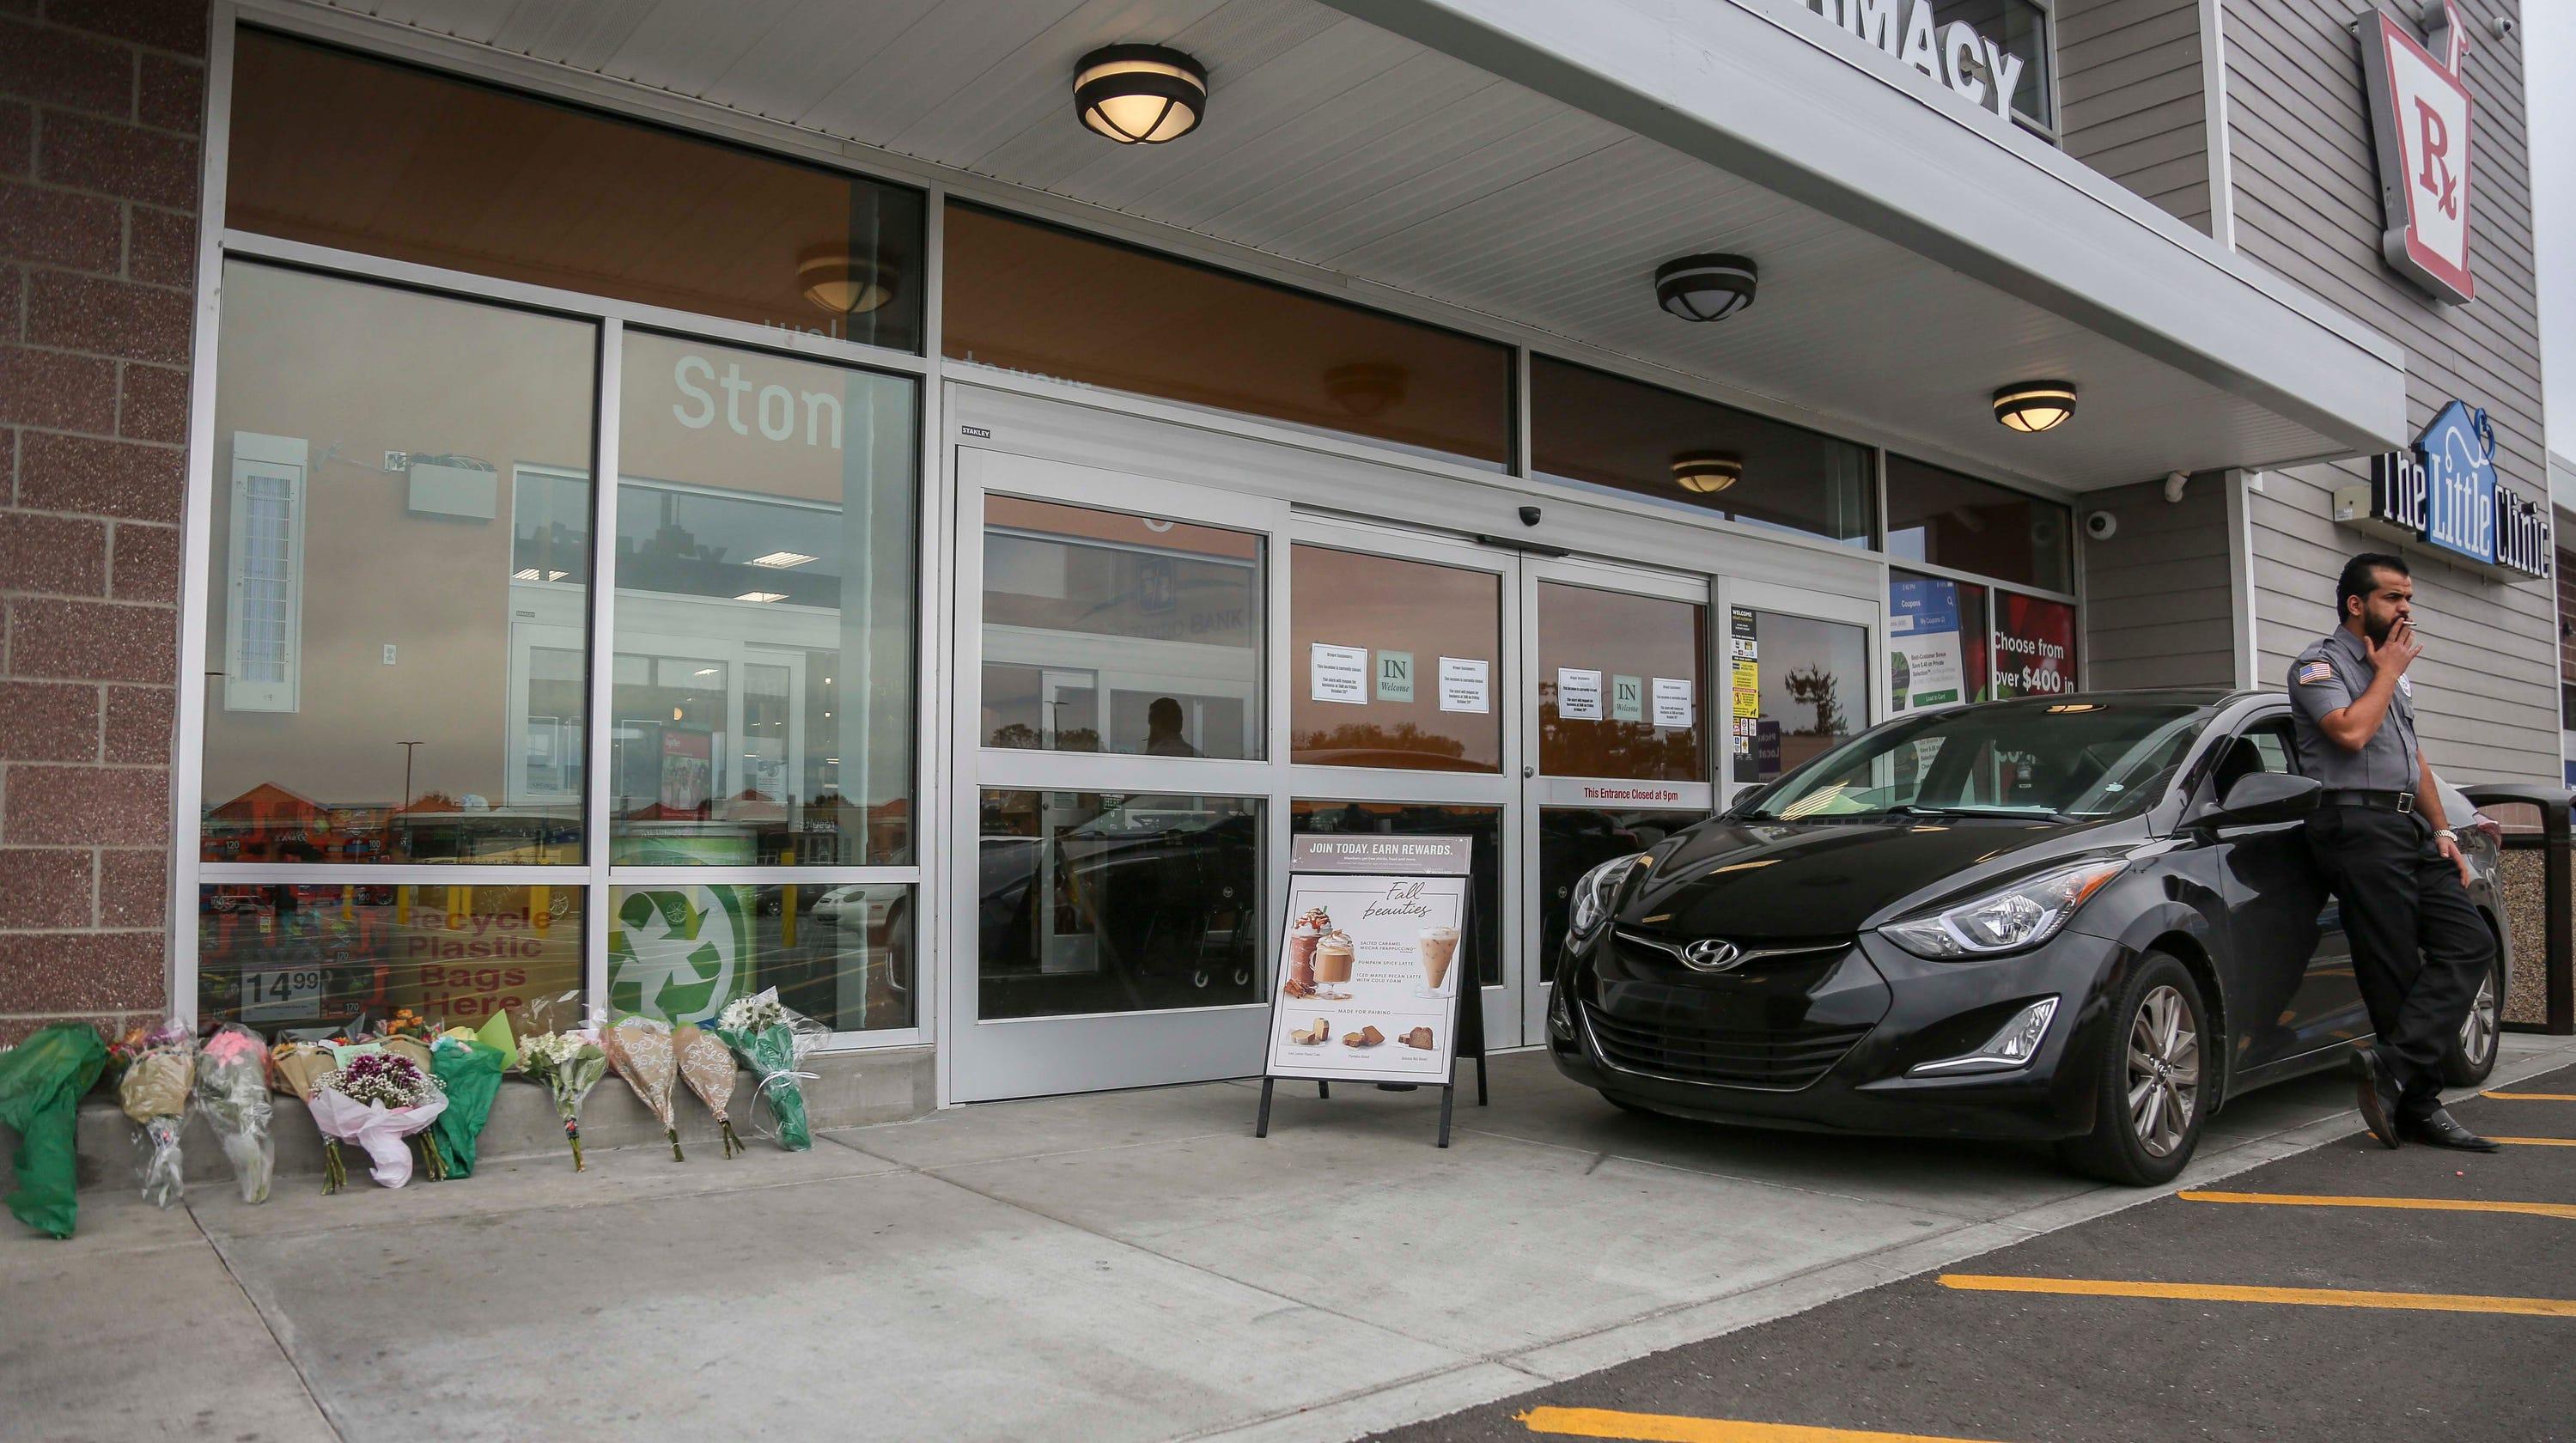 Dayton shooting: Should Walmart, Kroger ban carrying guns in